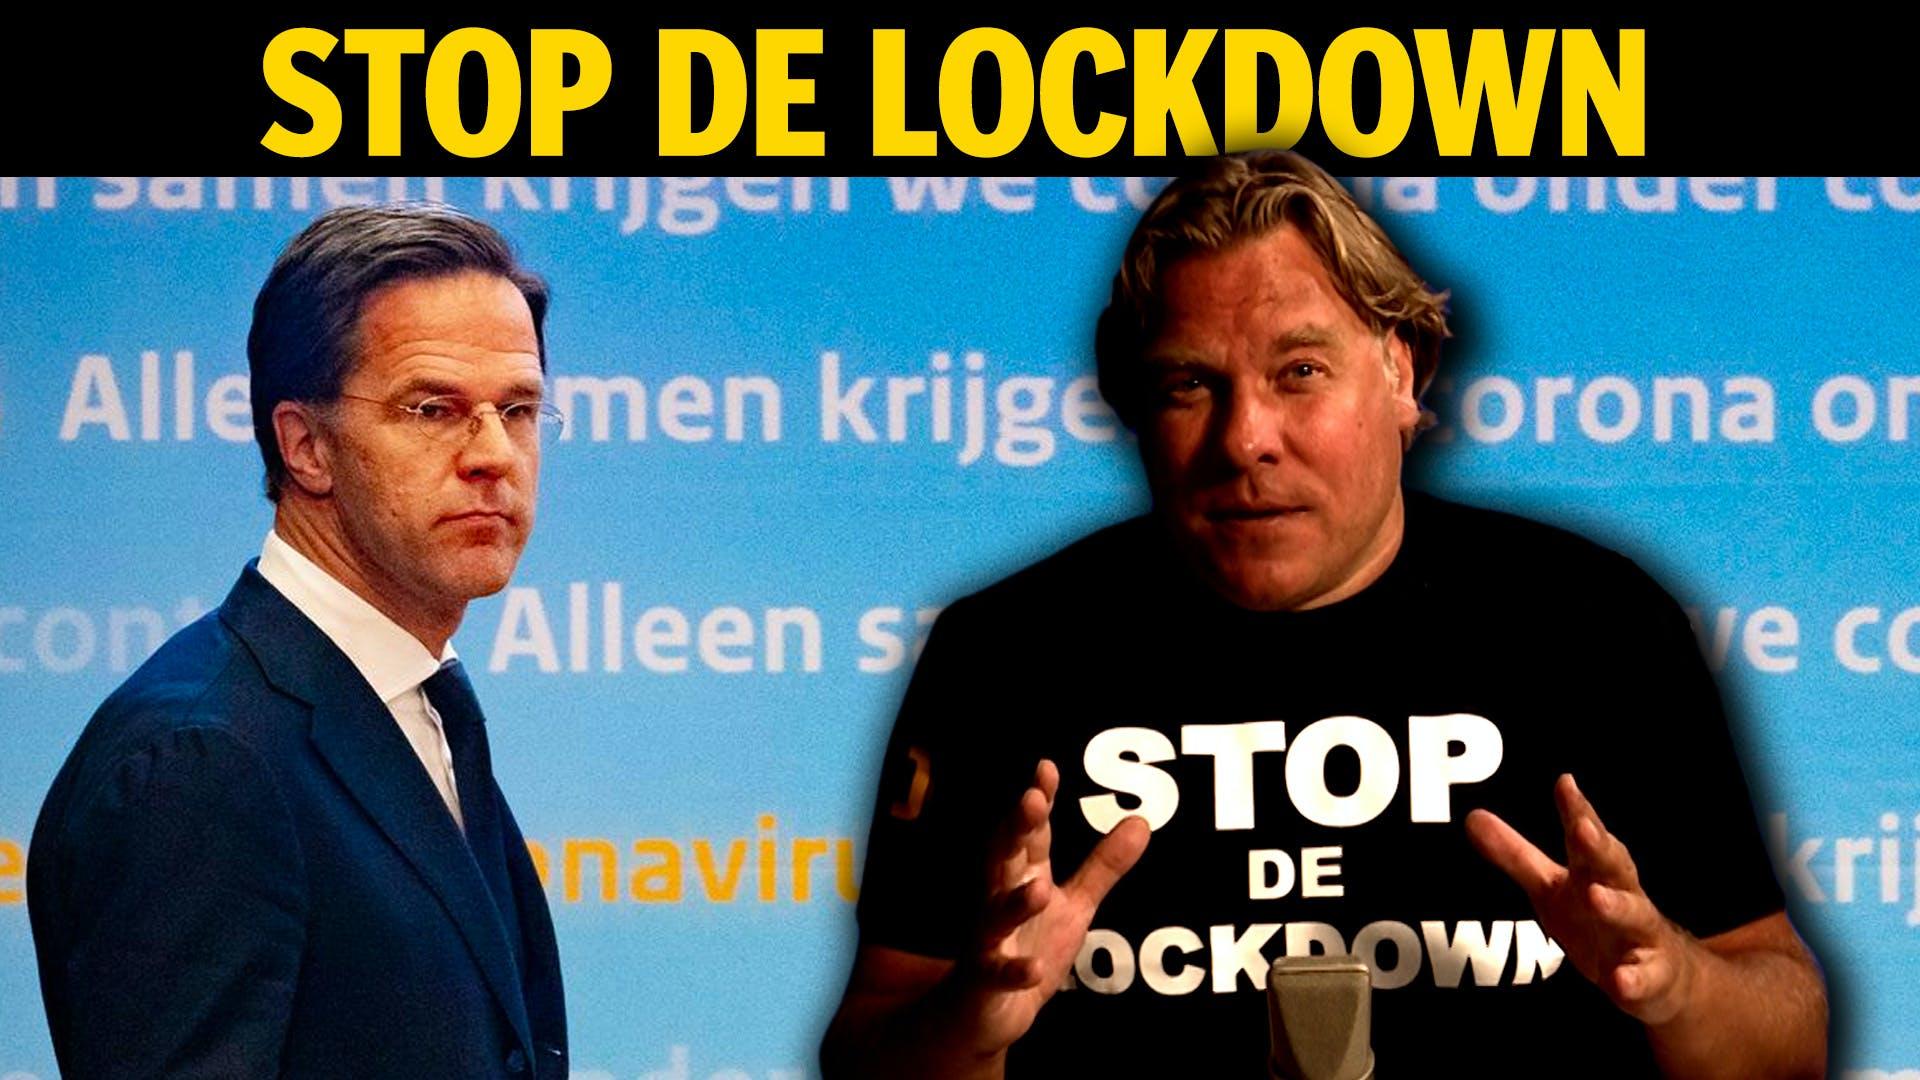 Robert Jensen (jensen.nl) en 'stop de lockdown', waarom dat volgens Martin Vrijland een vangnet is